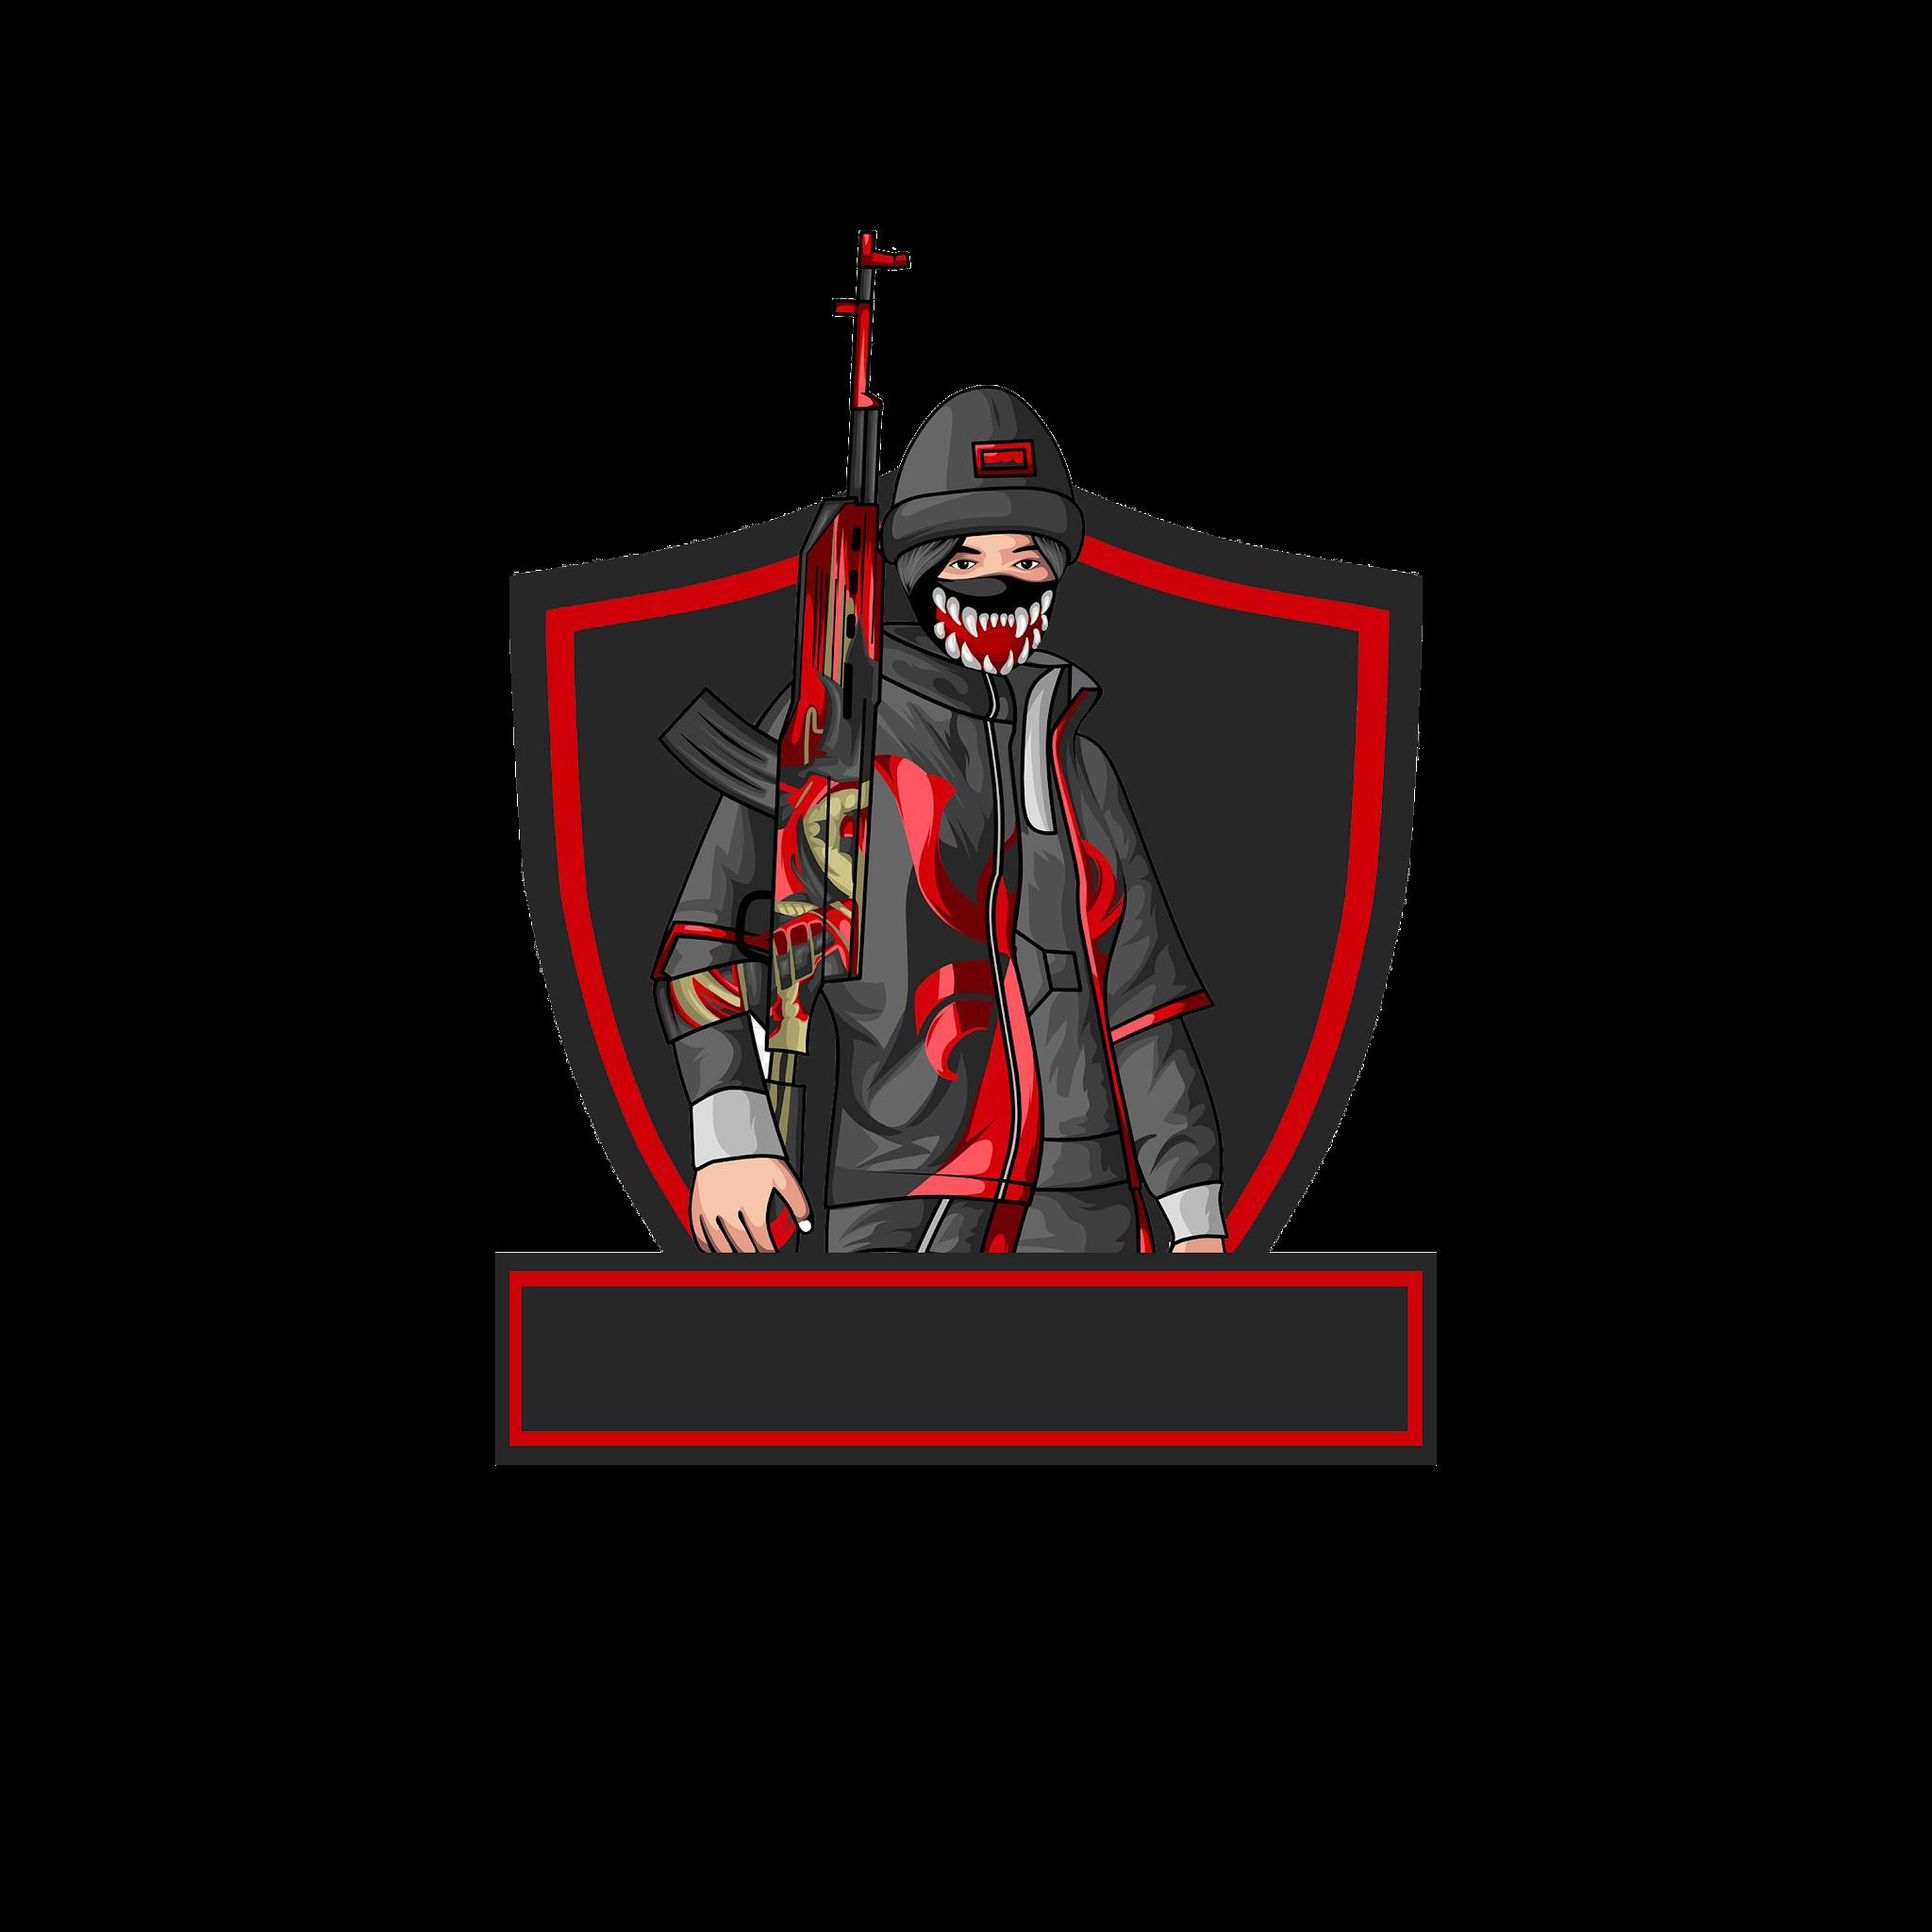 تحميل شعار ببجي بدون اسم شعار قنوات يوتيوب بدون حقوق Logo pubg PNG